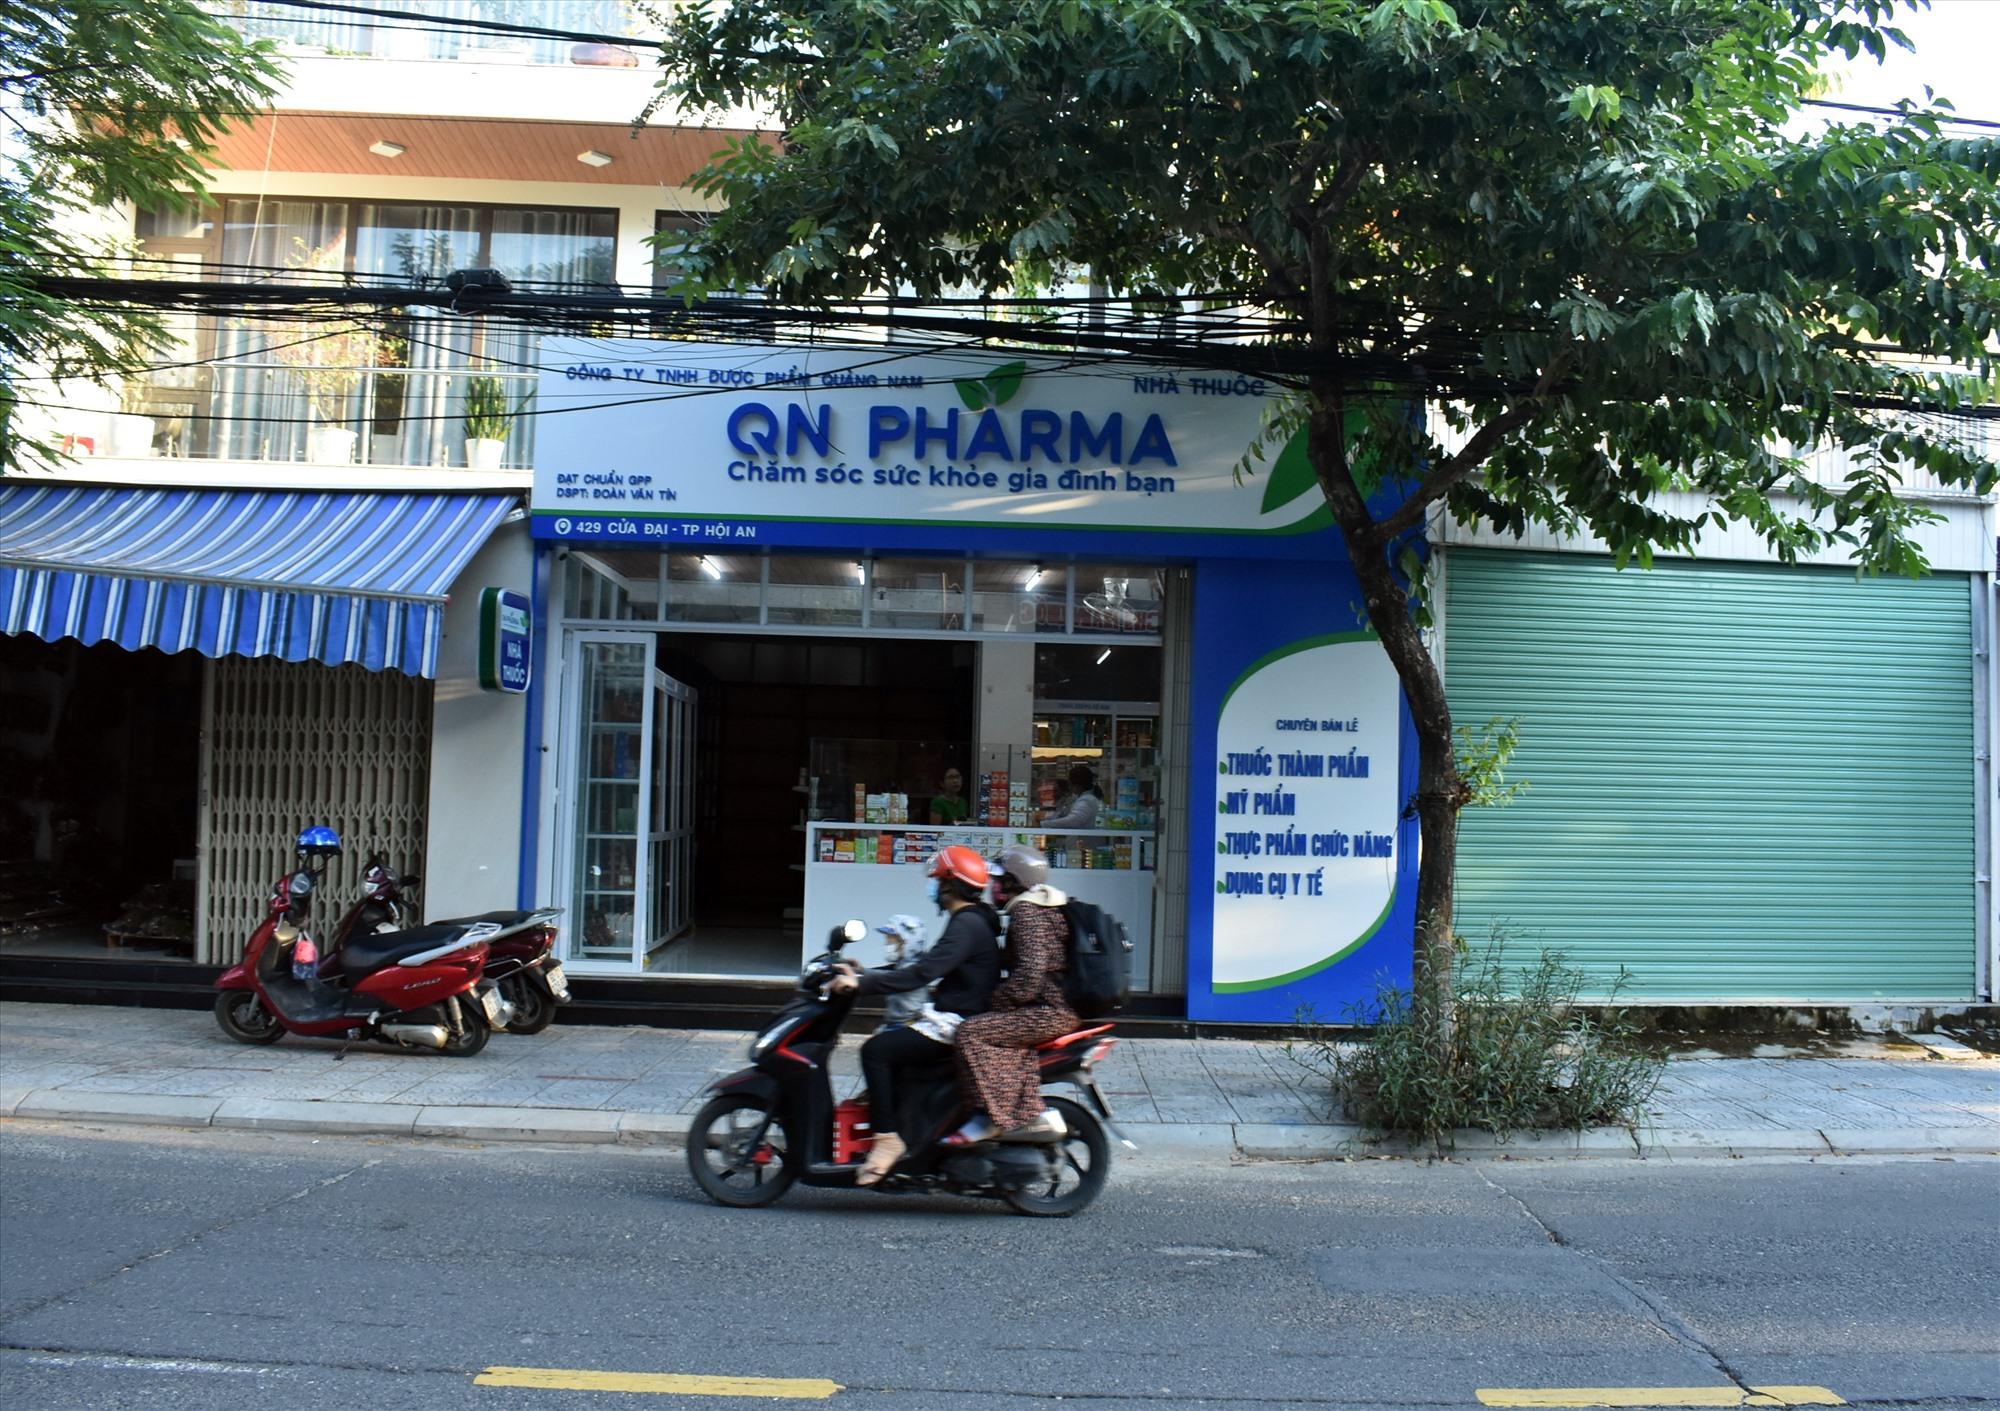 Tập đoàn Hoàng Như mở hệ thống nhà thuốc mang thương hiệu QN Pharma